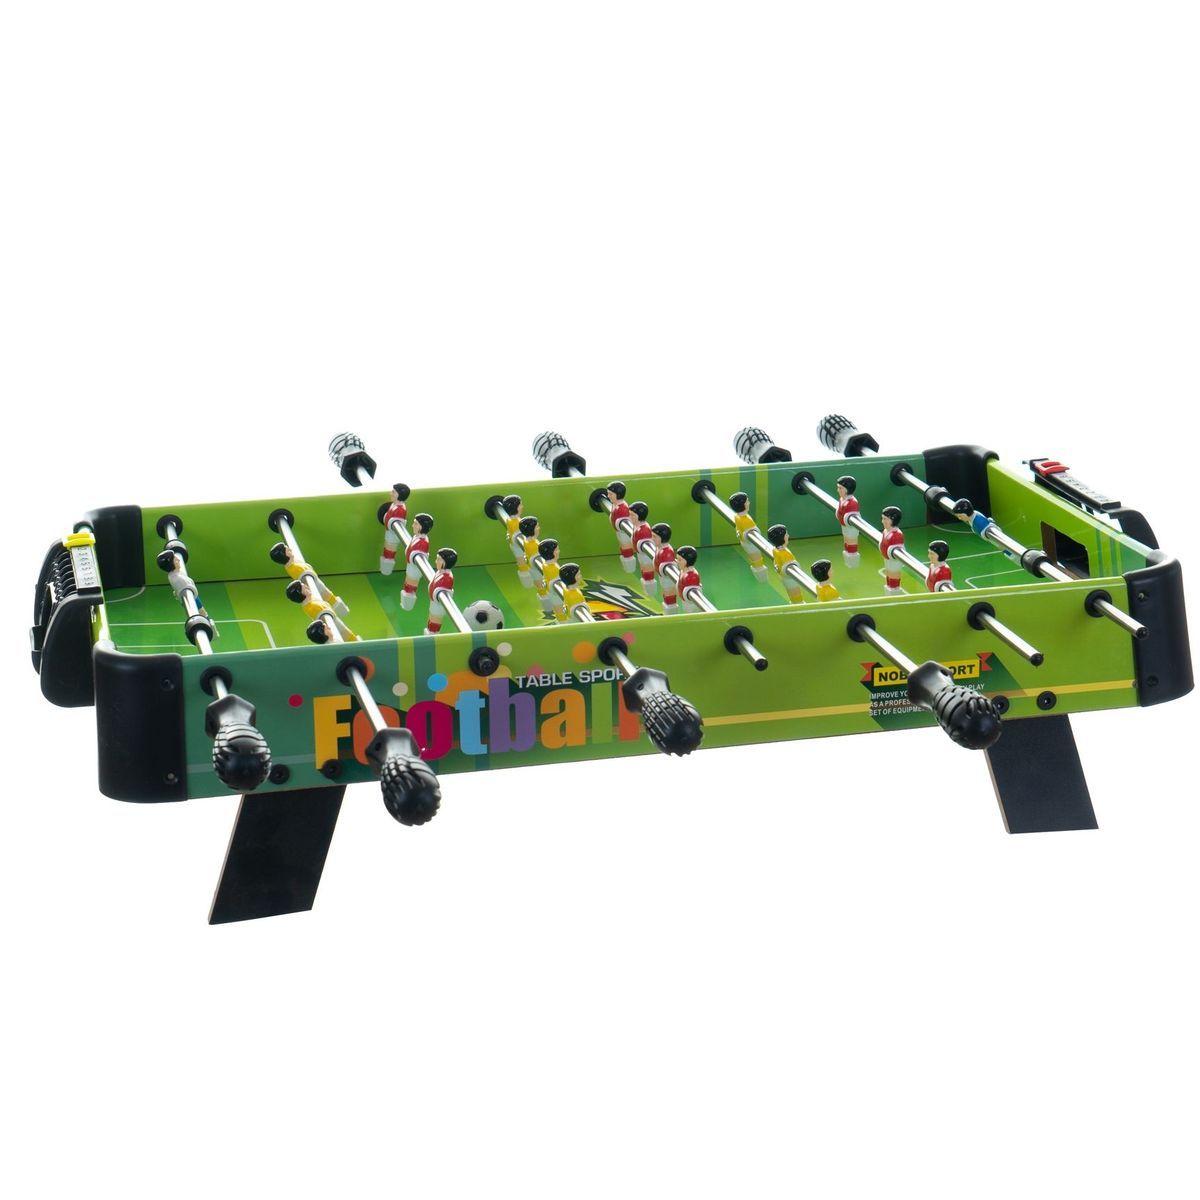 Futbal spoločenská hra s kovovými tiahlami